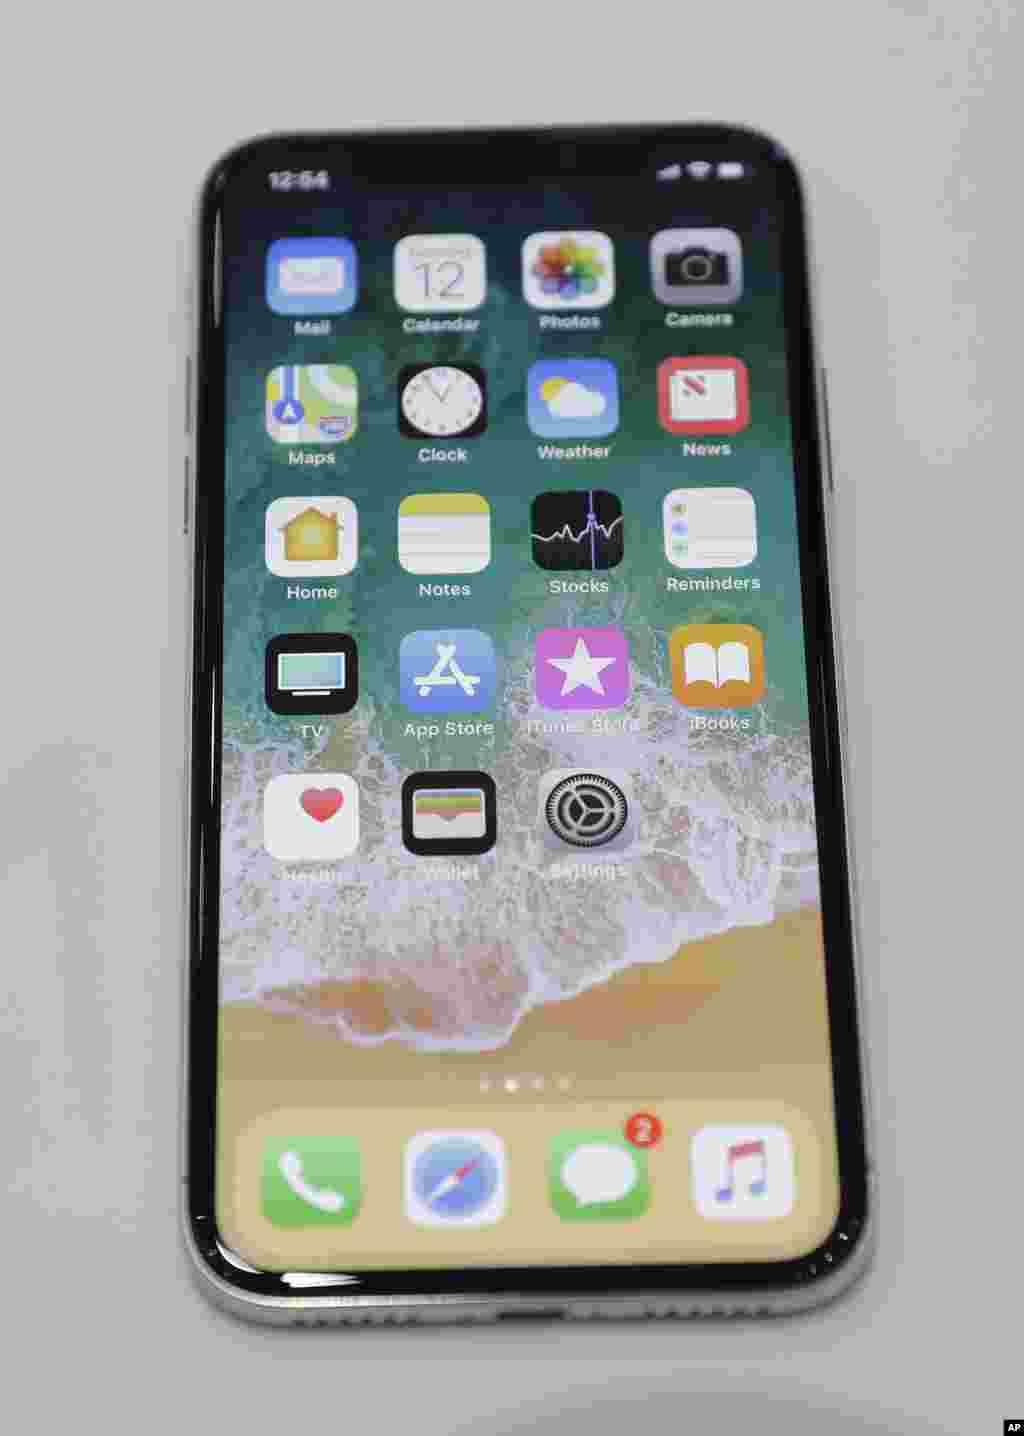 """新的iPhone X。在其众多特点中,包括能在光线弱的环境中拍出更好效果的照片,还有无线充电。而最大的卖点是面部识别技术,手机""""看到""""手机主人的脸部时,就能让屏幕解锁。 5.8英寸OLED屏幕几乎覆盖整个机身正面,舍弃了传统的实体主按钮。可是一个很大的问题是,消费者是否肯花1000美元买一部这样新颖的手机。它在中国的售价高于美国。"""